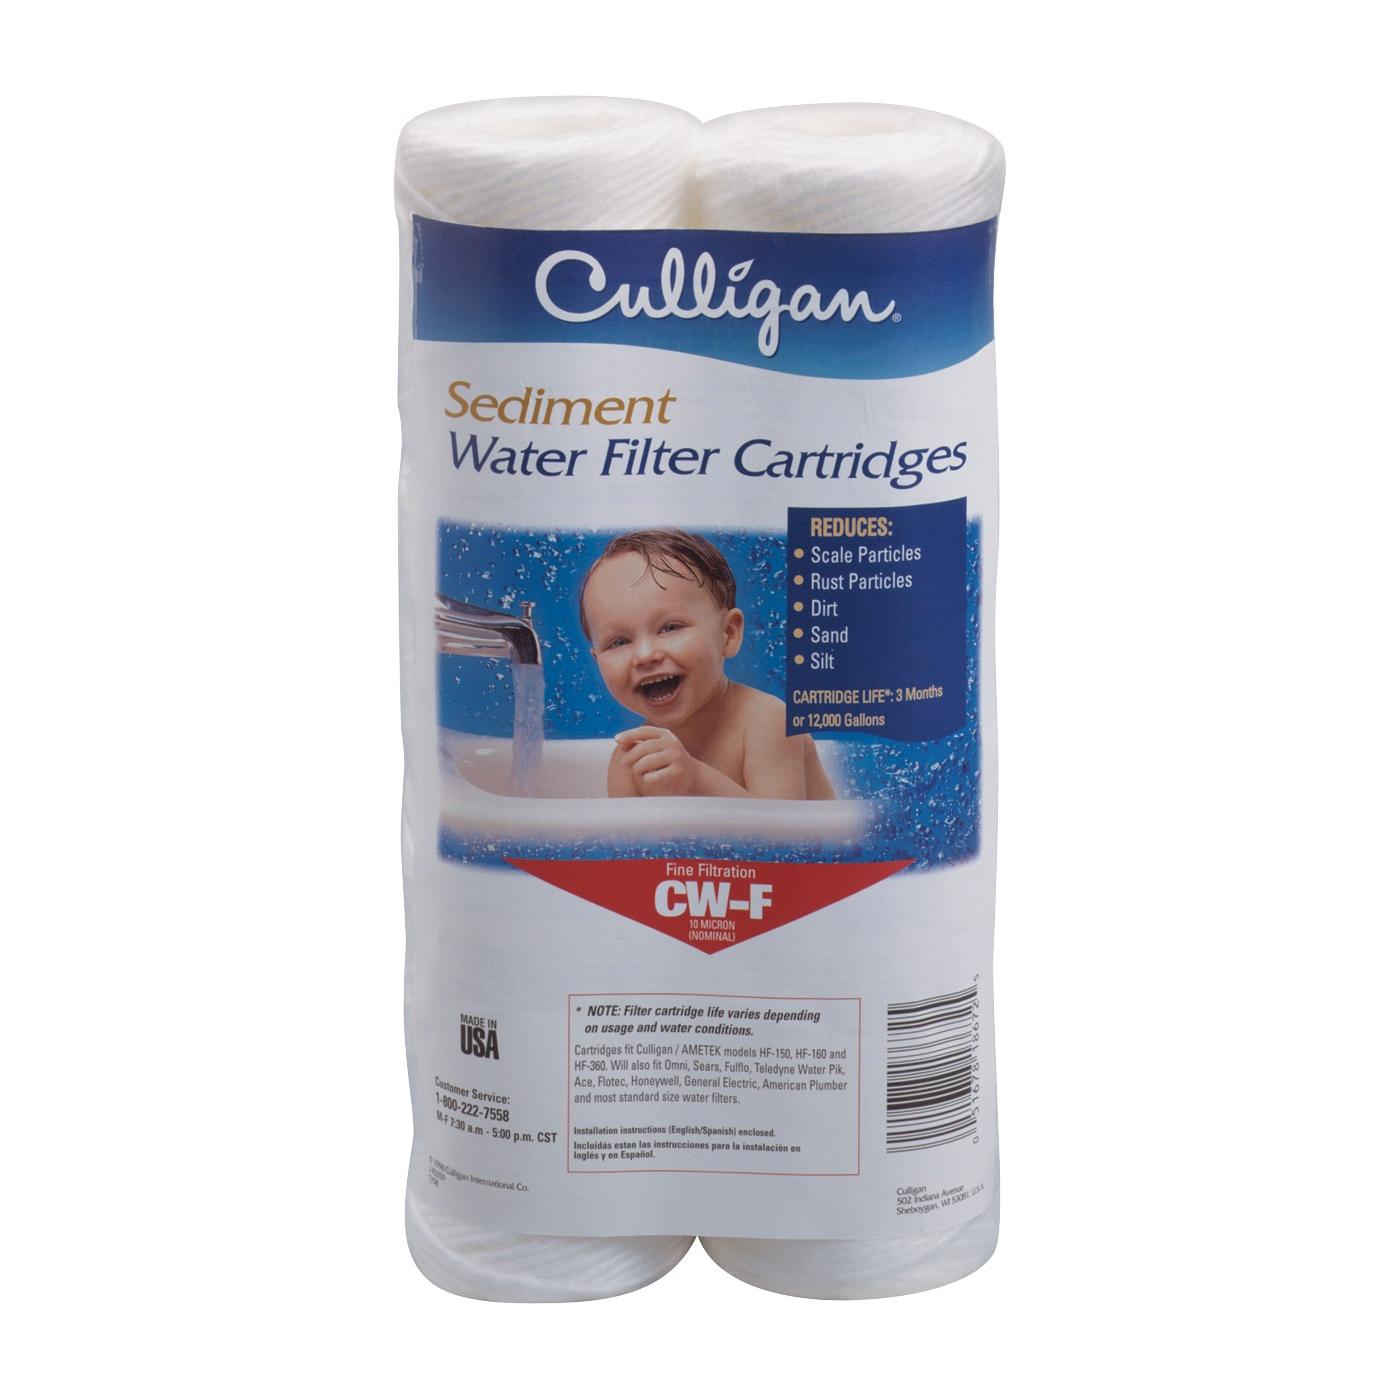 Culligan CW-F